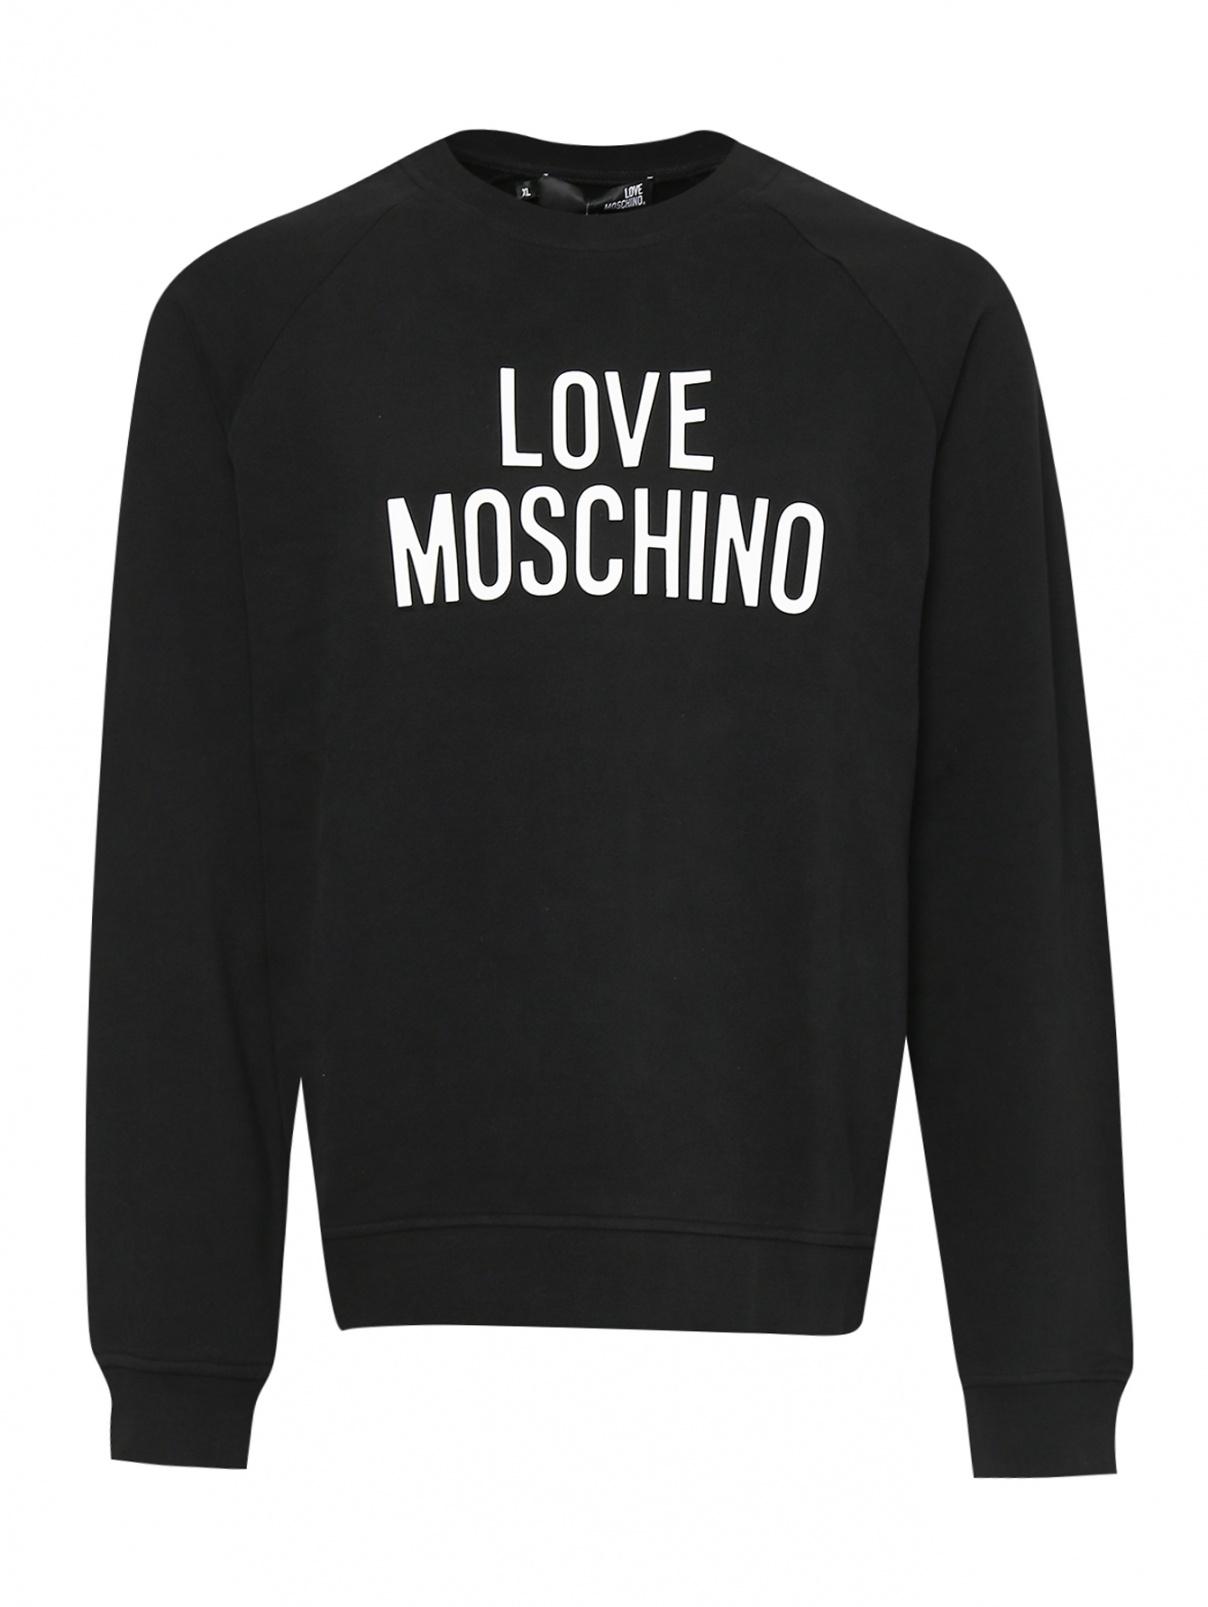 Свитшот из хлопка с принтом Love Moschino  –  Общий вид  – Цвет:  Черный